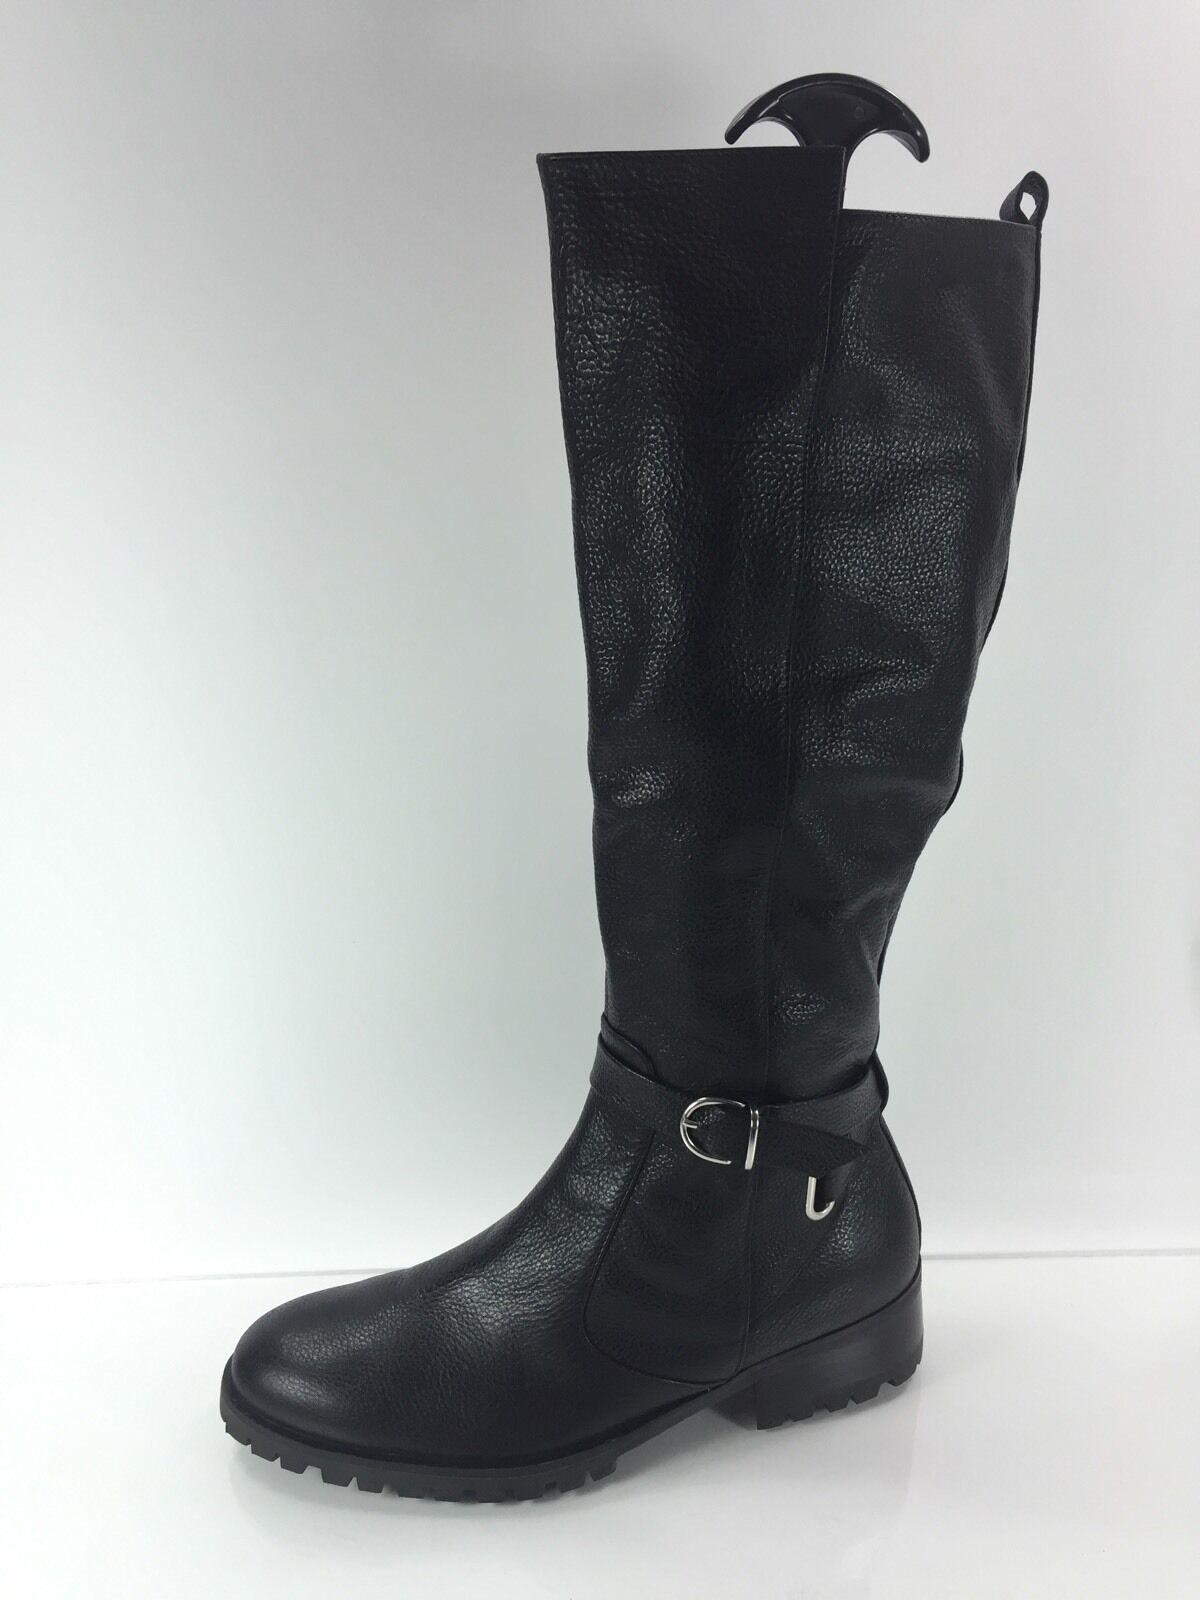 Tesori Rodilla botas De Cuero Negro De Mujer 7 M